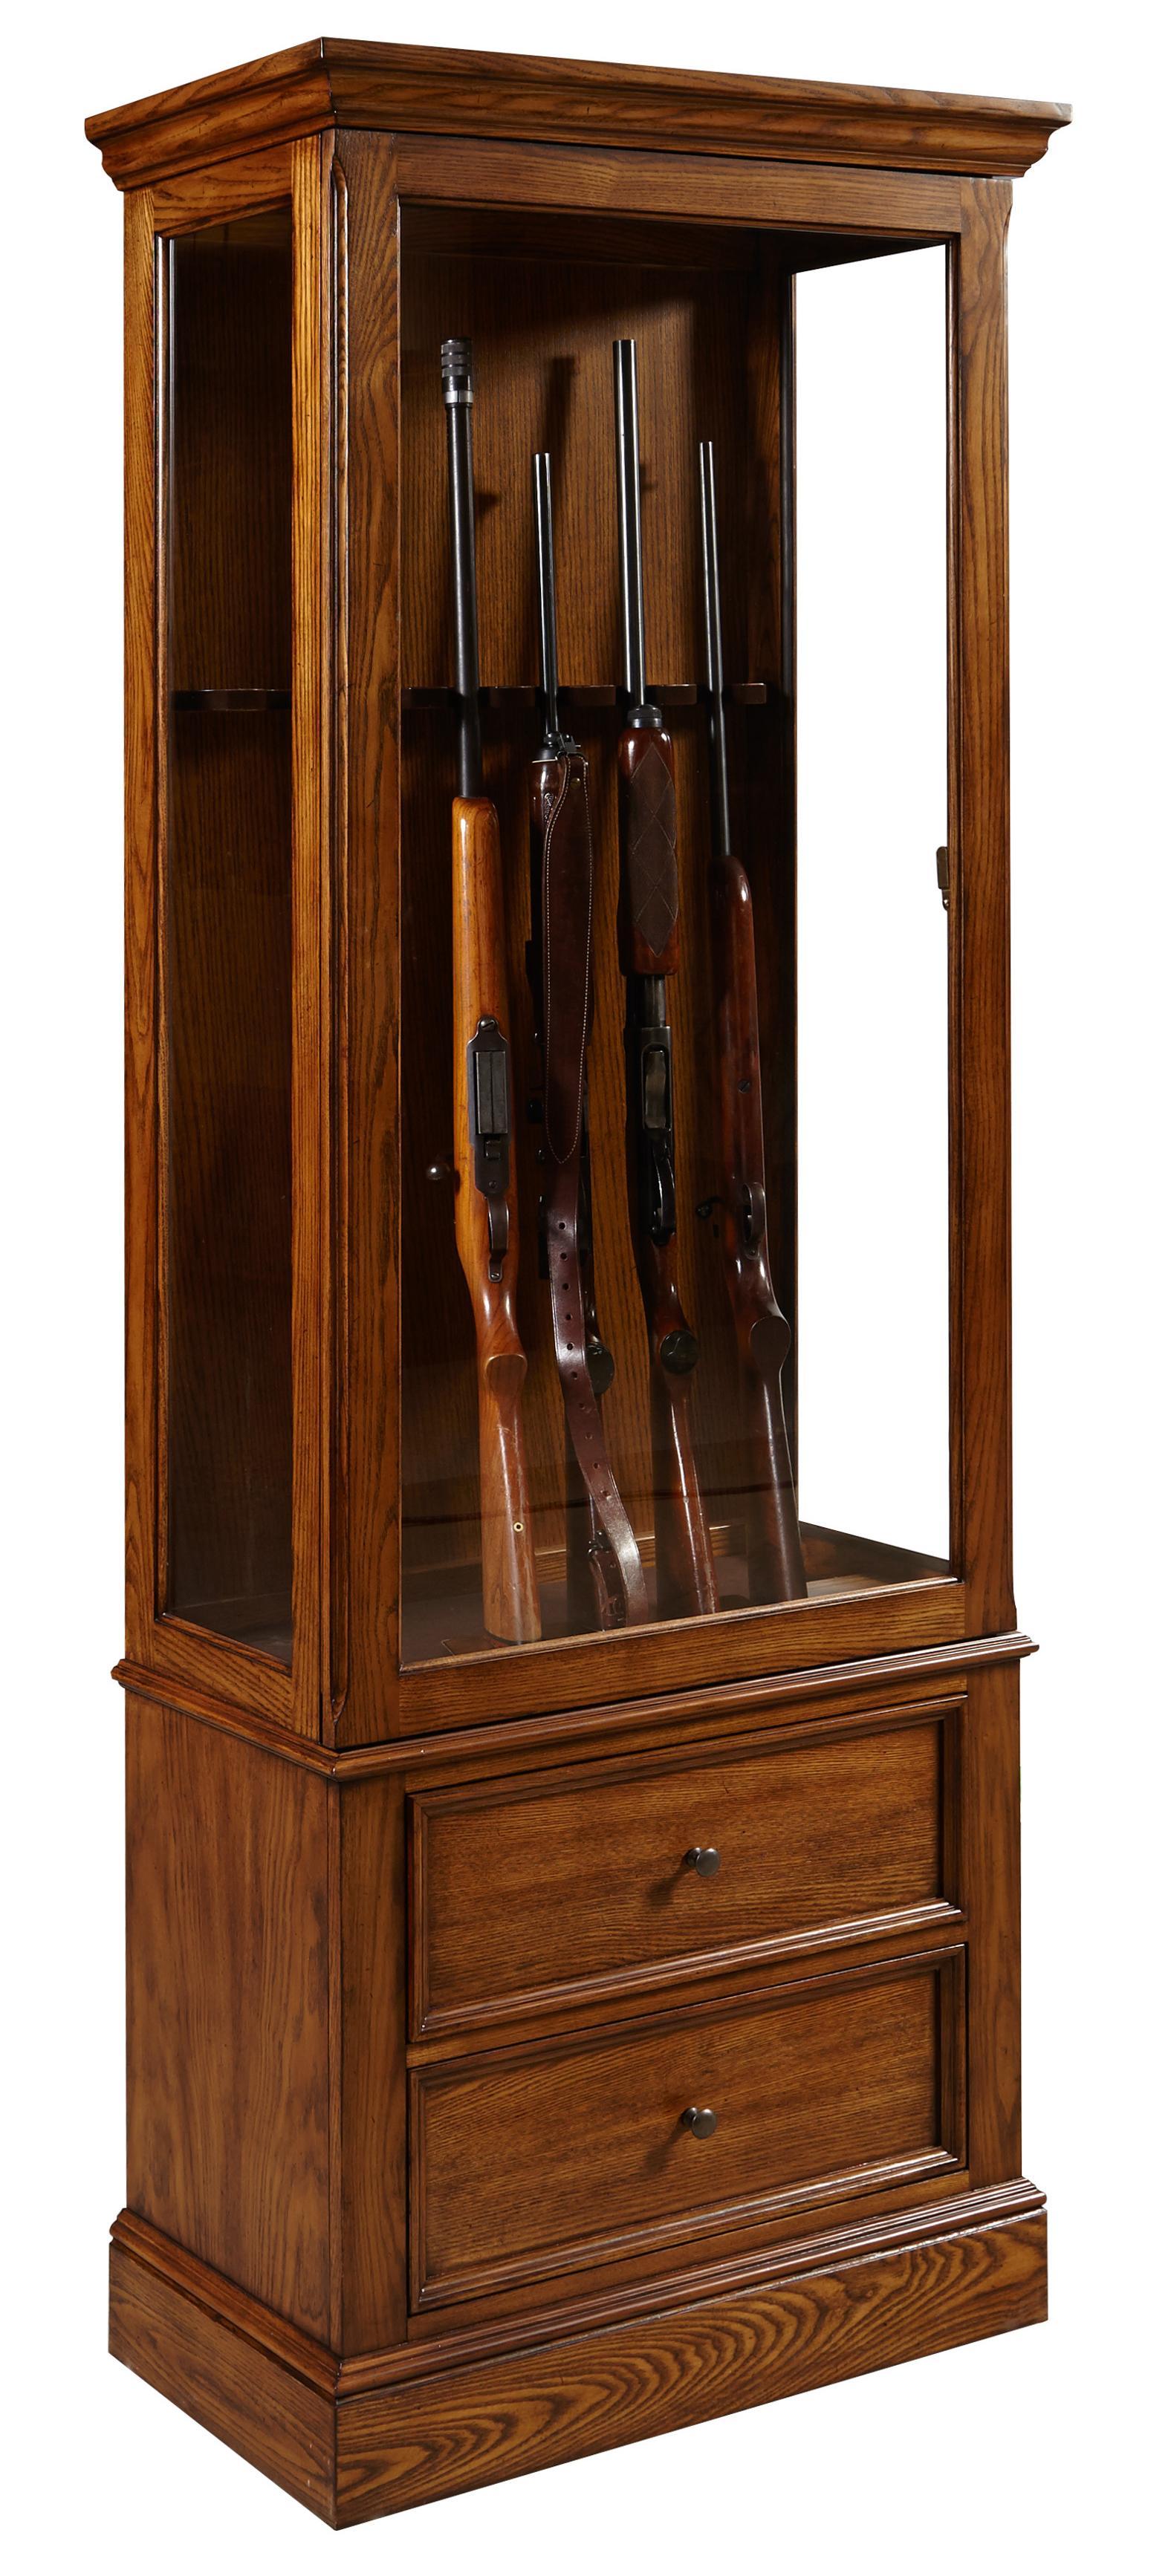 Pulaski furniture curios gun curio cabinet olinde 39 s for Pulaski furniture